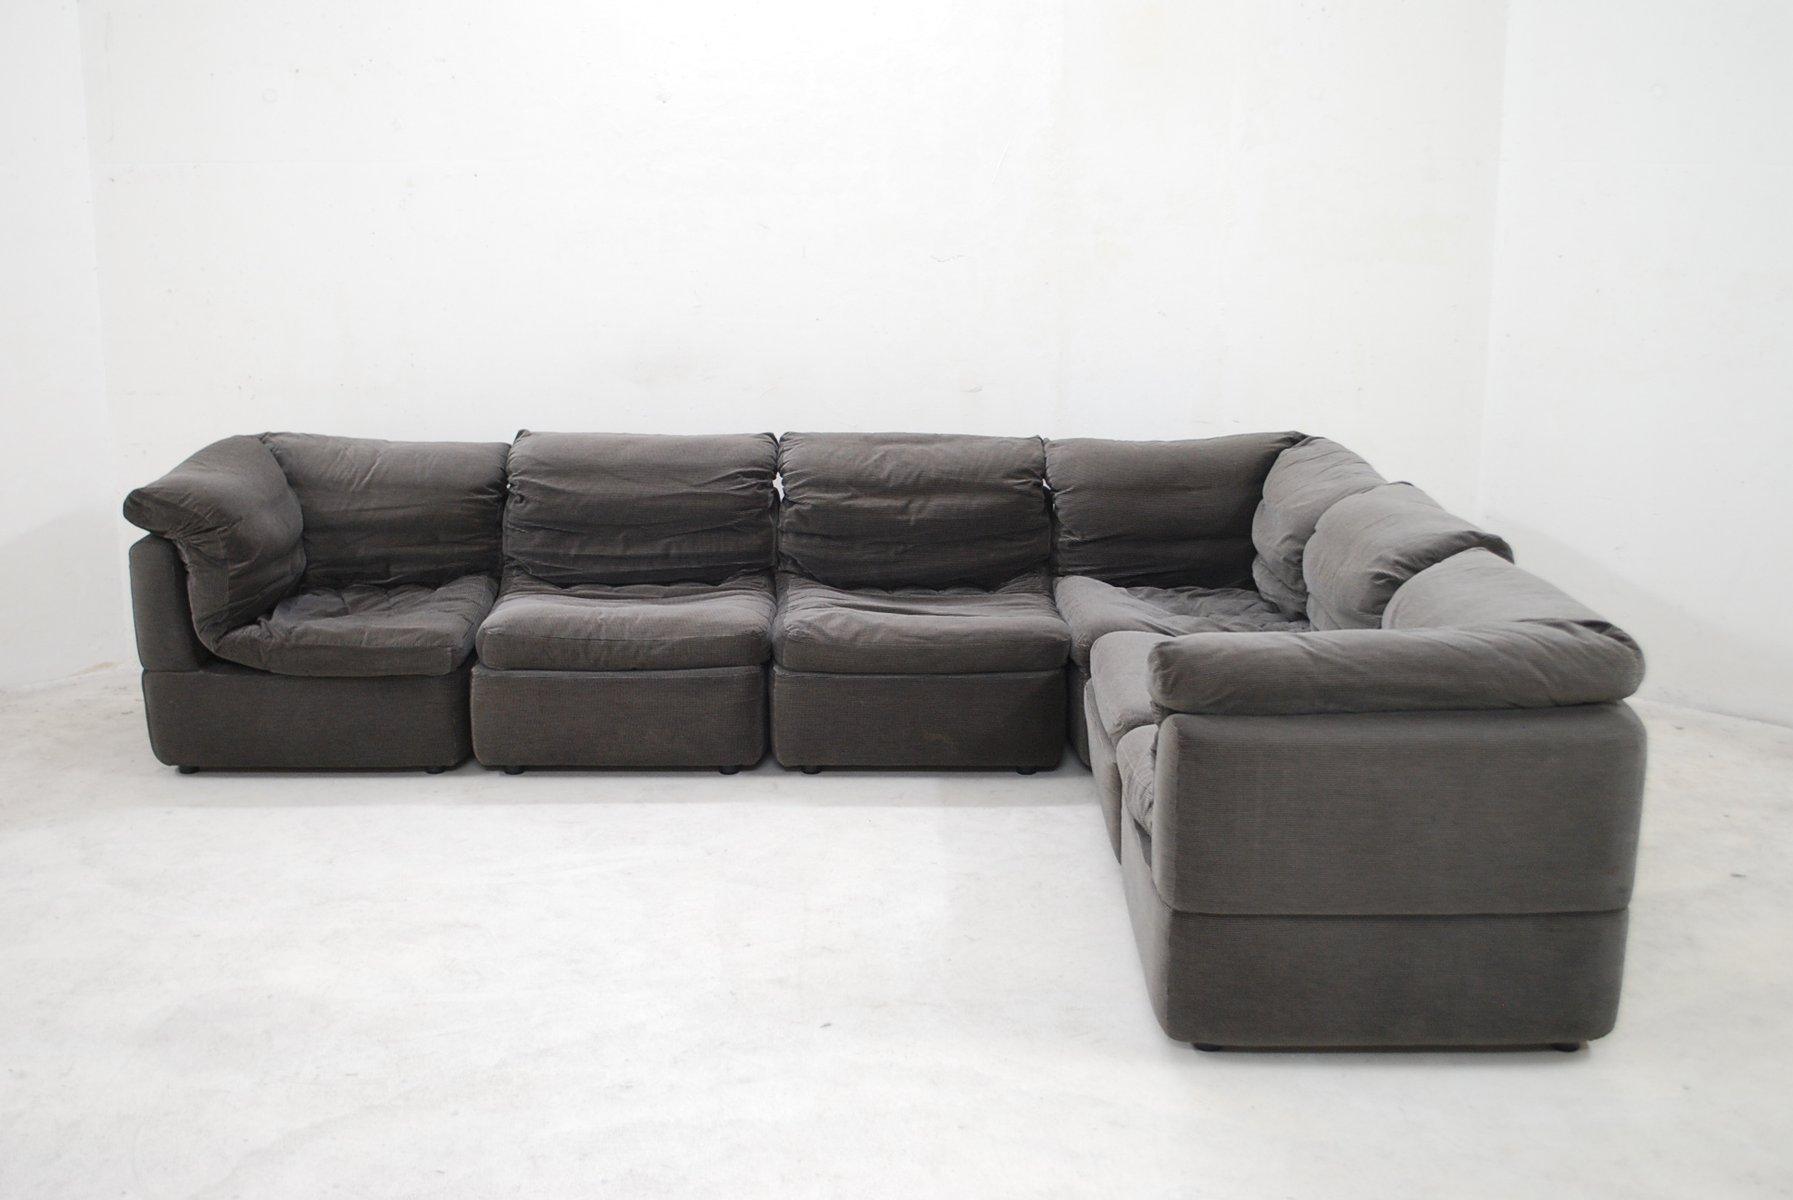 Elegant Benz Couch Das Beste Von Vintage German Modular Sofa From Rolf Benz,